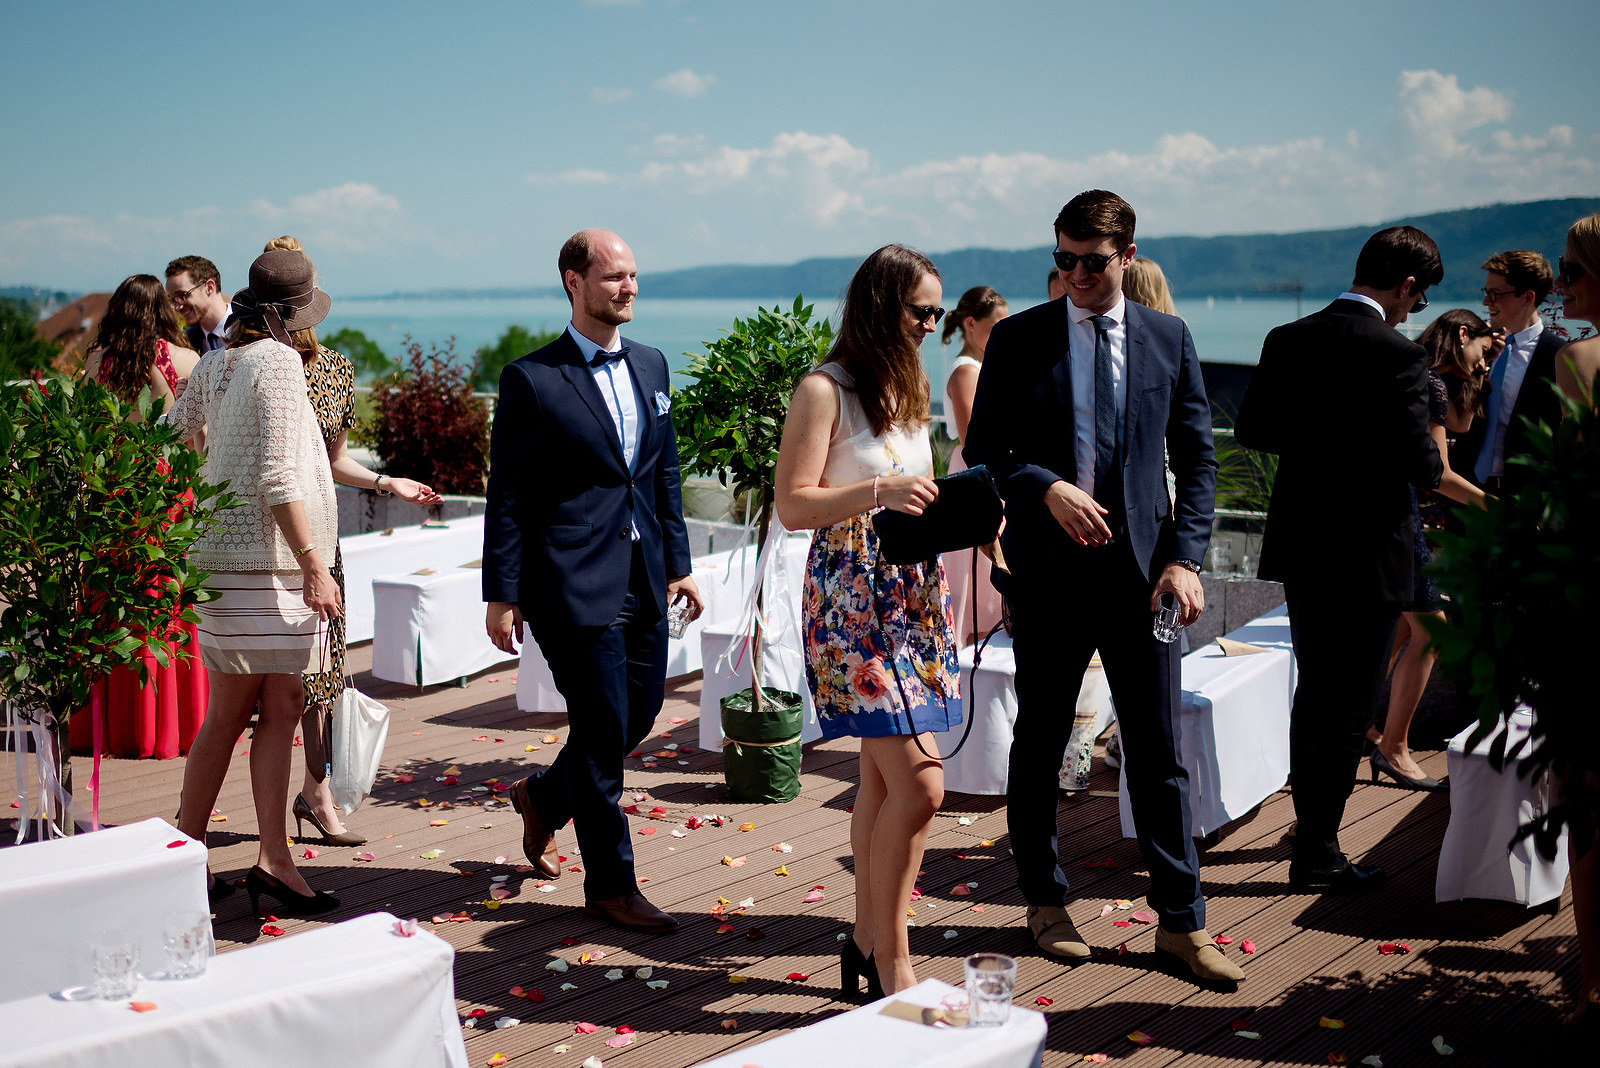 Fotograf Konstanz - Hochzeitsfotograf Bodensee Zollhaus Ludwigshafen Hochzeit Konstanz EFP 037 - Hochzeitsreportage im Zollhaus in Bodman-Ludwigshafen, Bodensee  - 169 -